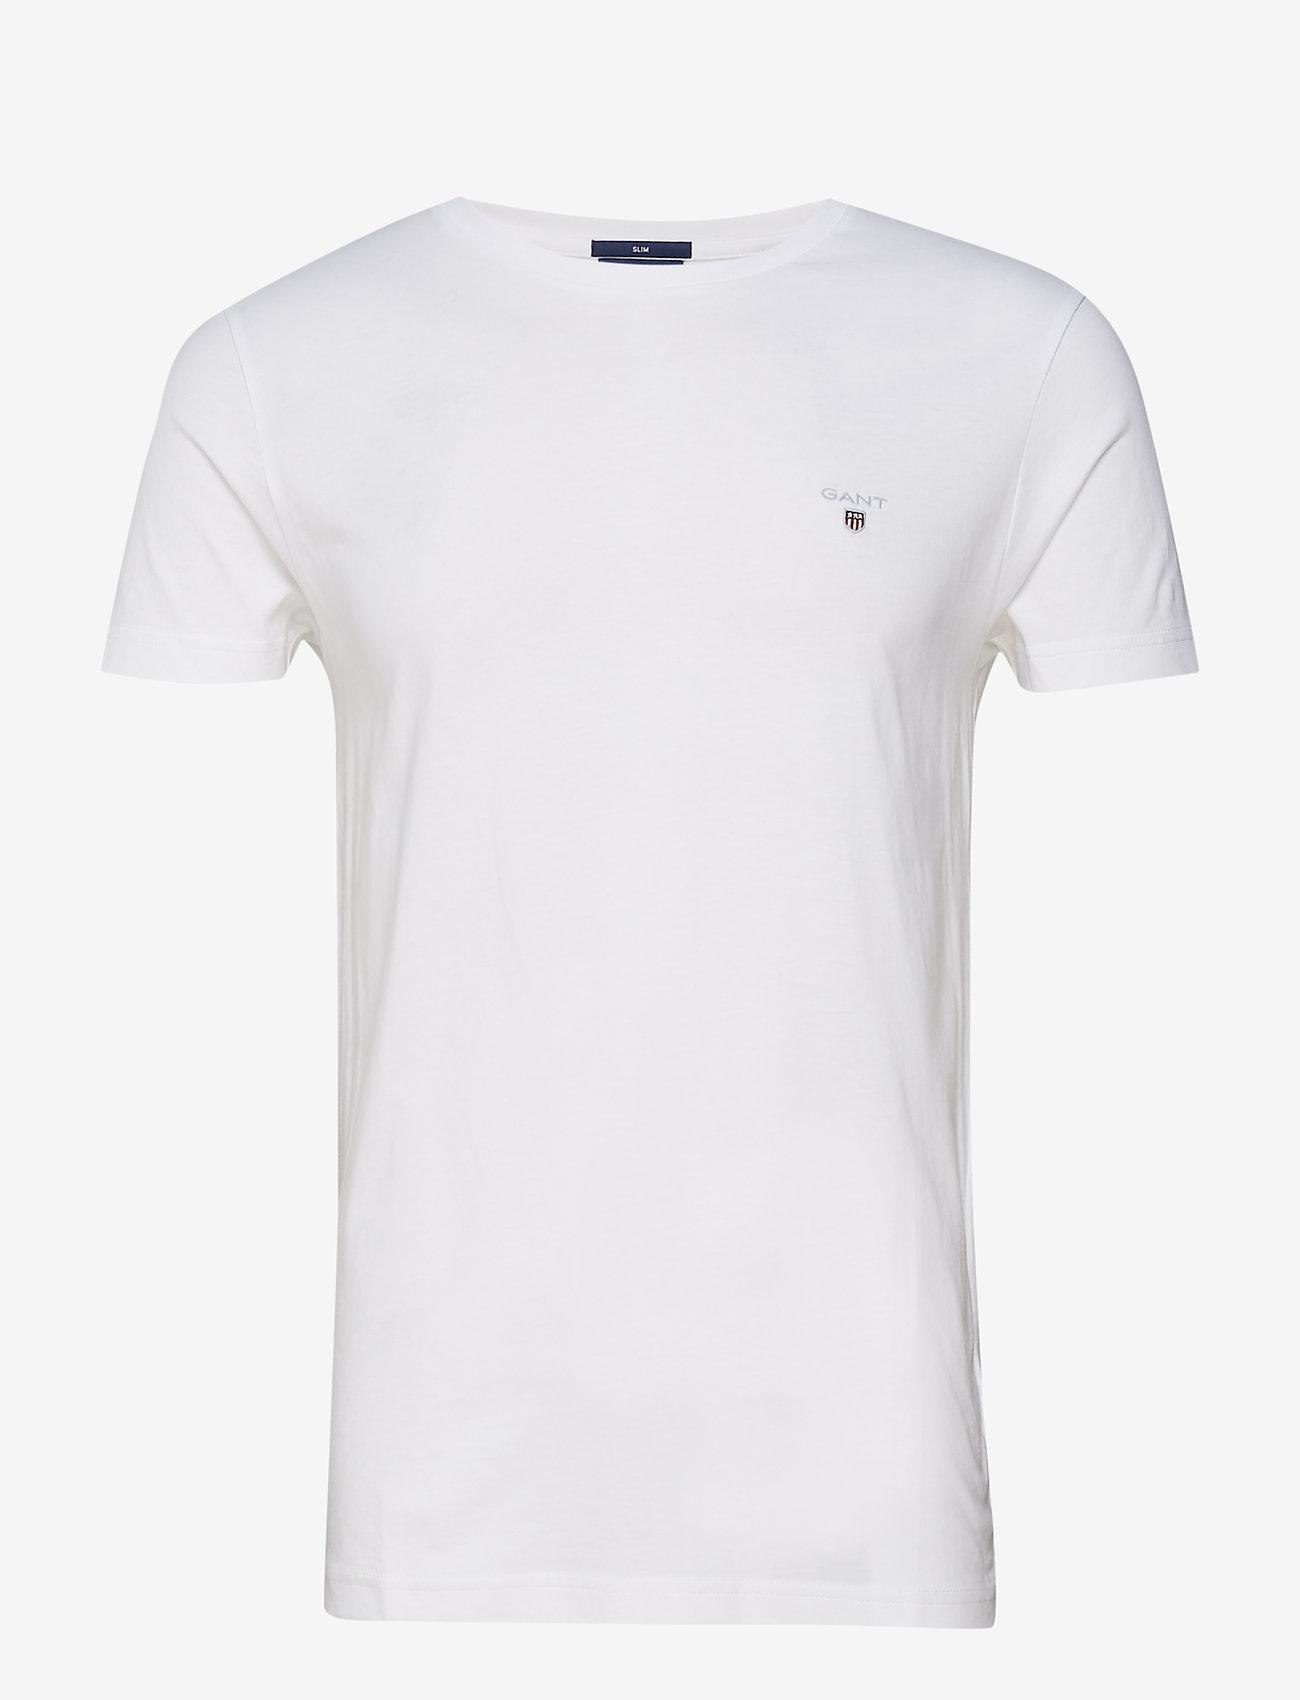 GANT - ORIGINAL SLIM T-SHIRT - basic t-shirts - white - 0